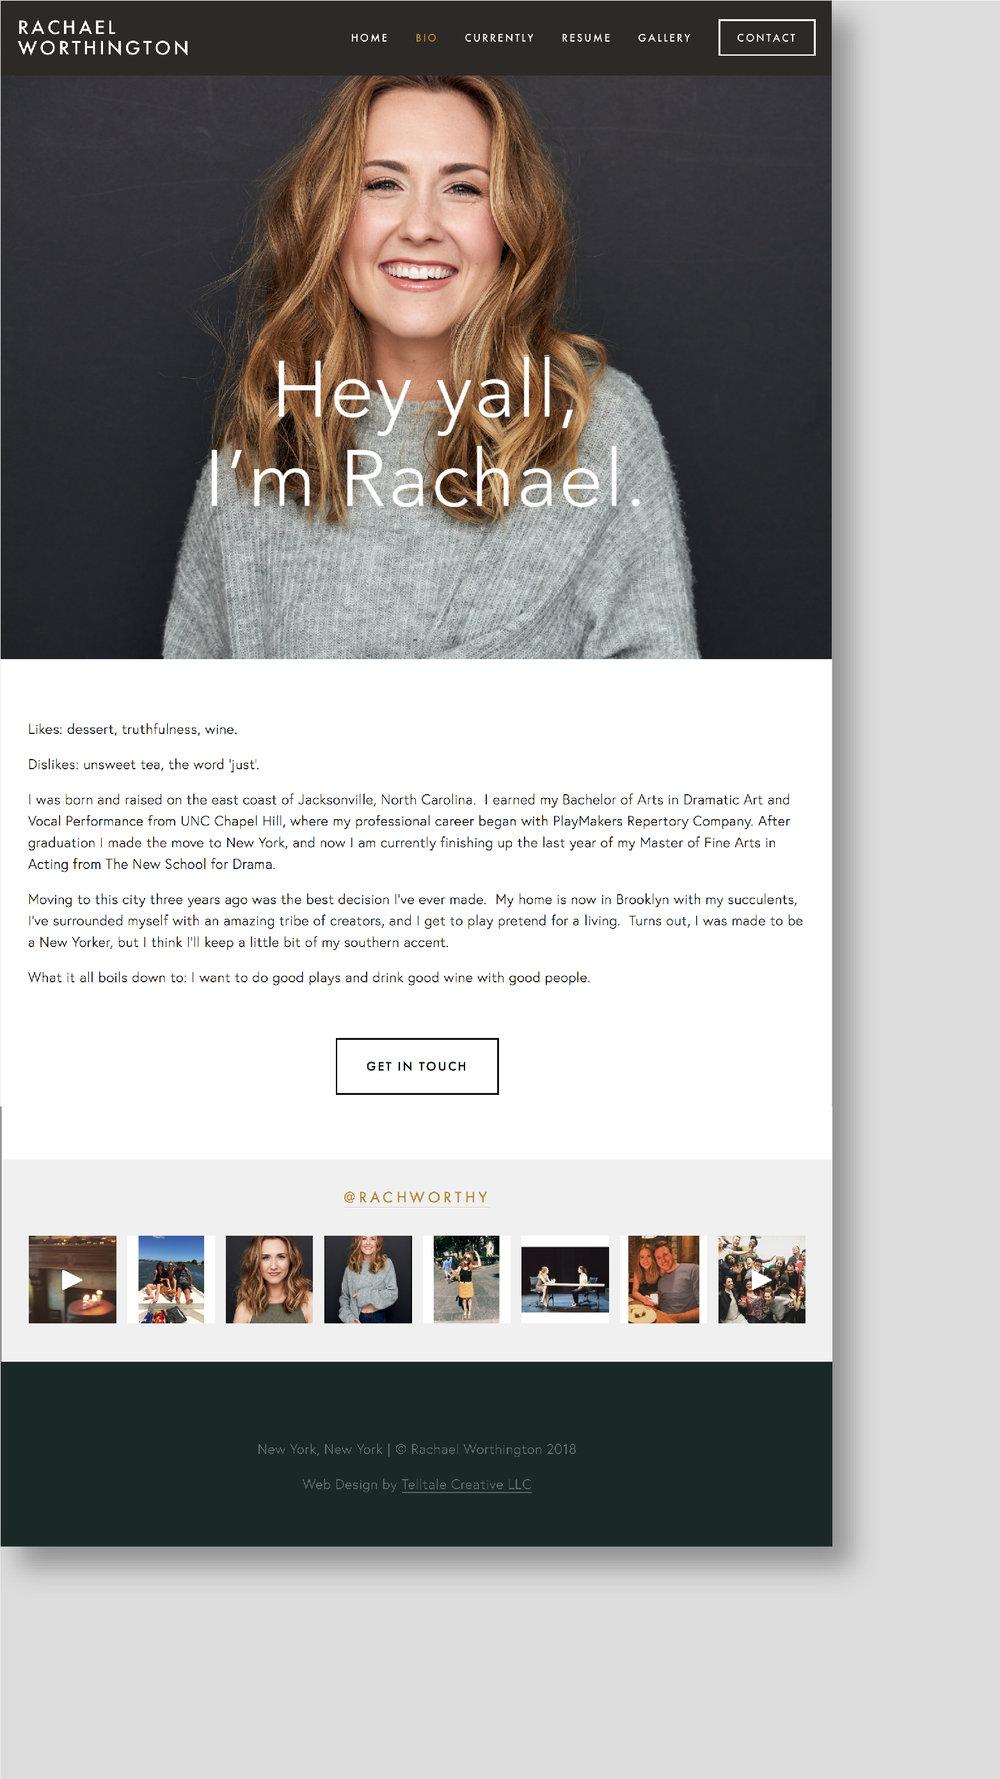 full-website-portfolio-new-york-rachael-worthington-telltale-design-co